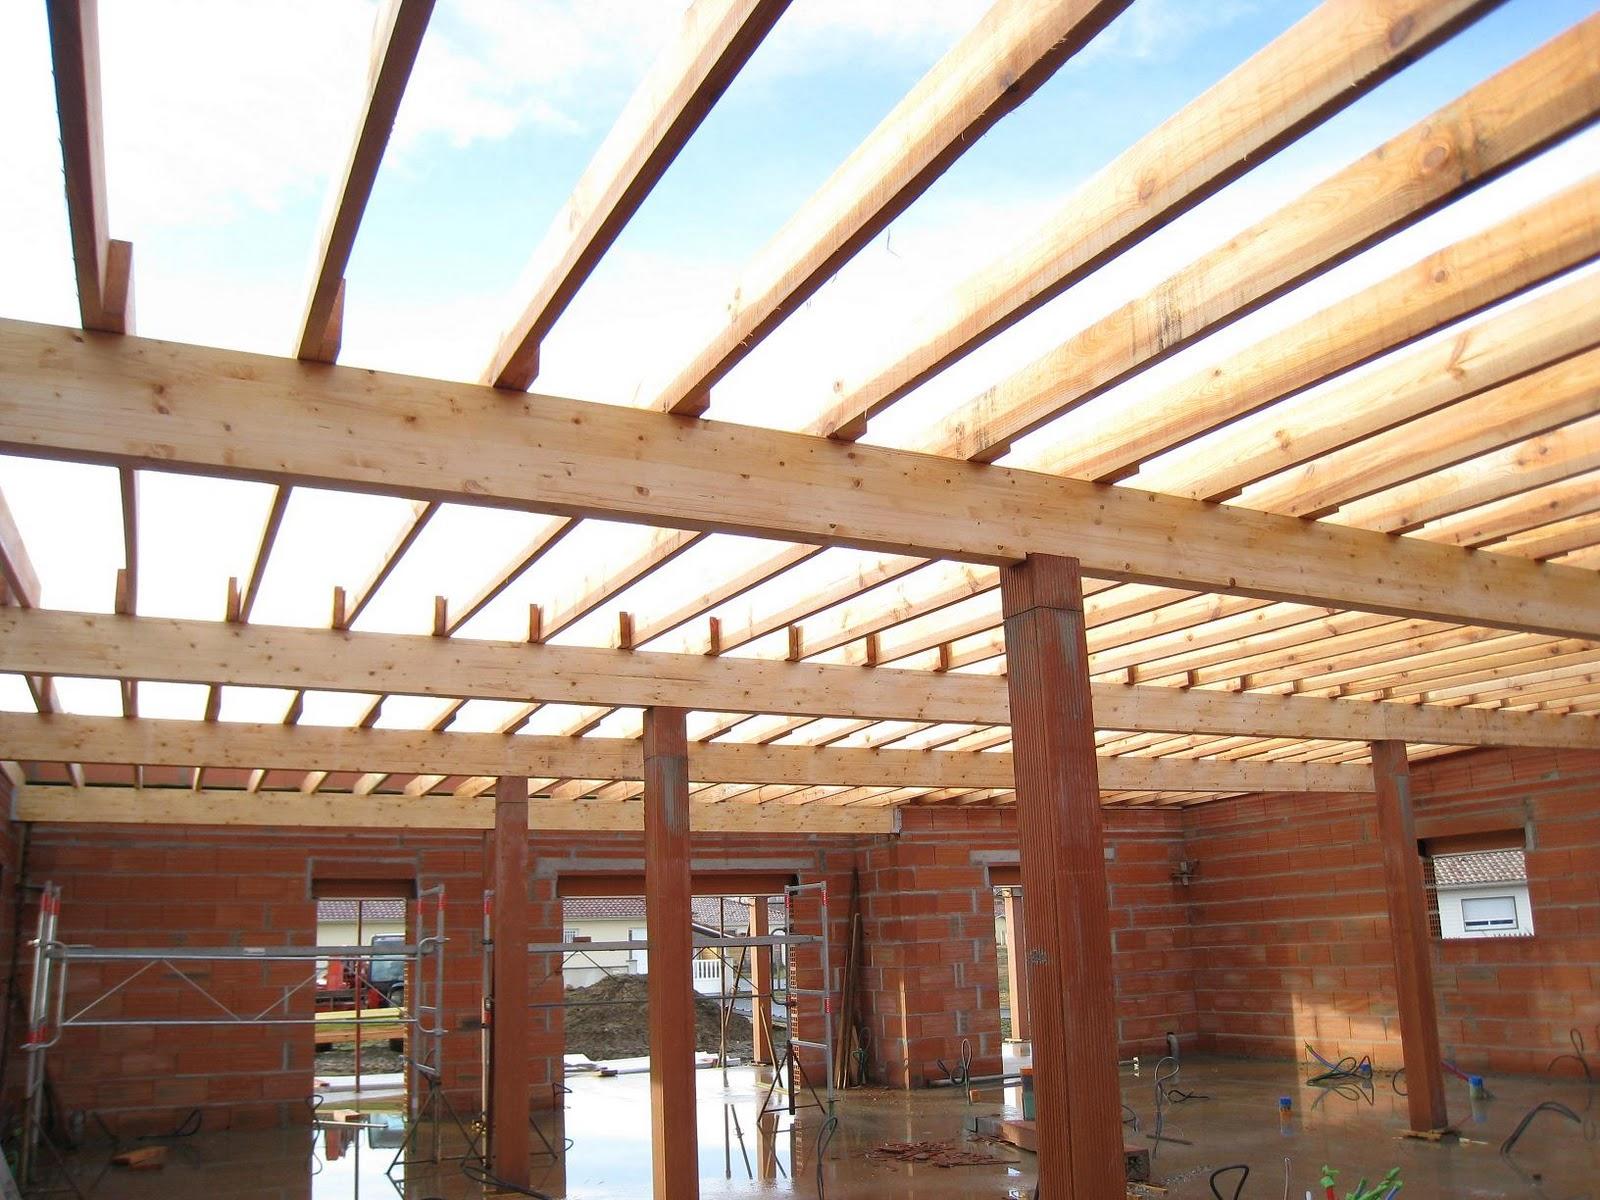 V randa style atelier artiste loft - La veranda caen ...